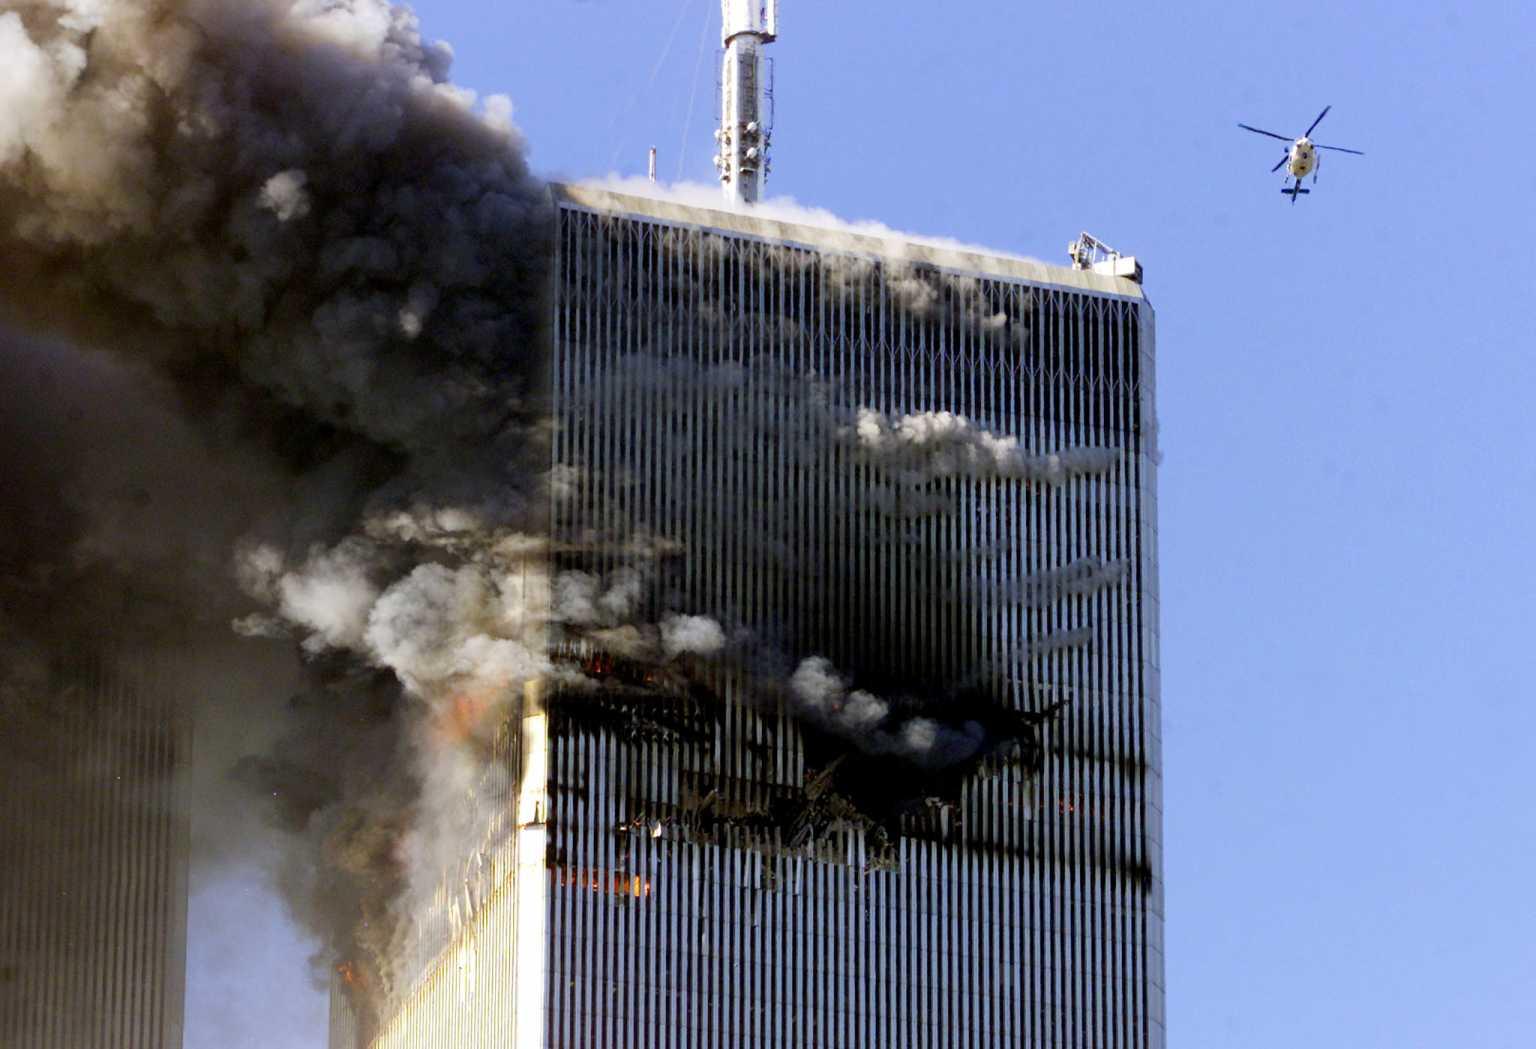 11η Σεπτεμβρίου – Δίδυμοι Πύργοι: Οι ΗΠΑ τιμούν τη μνήμη των 3.000 νεκρών των τρομοκρατικών επιθέσεων